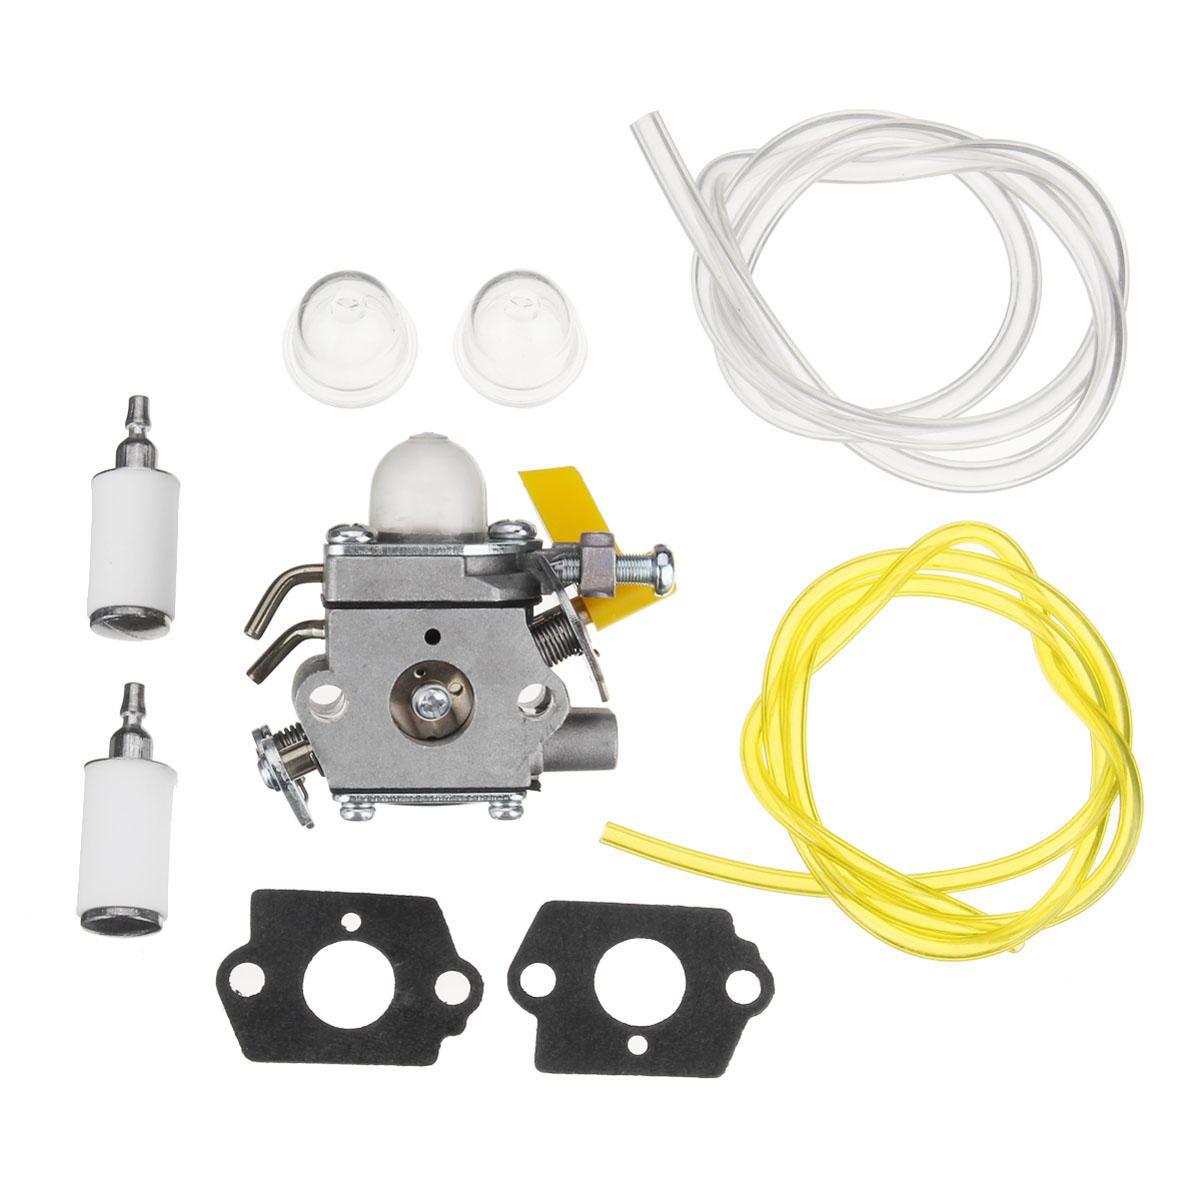 hight resolution of carburetor for yobi homelite ut 60526 ry09550 ry09050 ry09551 308054032 primer bulb fuel filter o sale